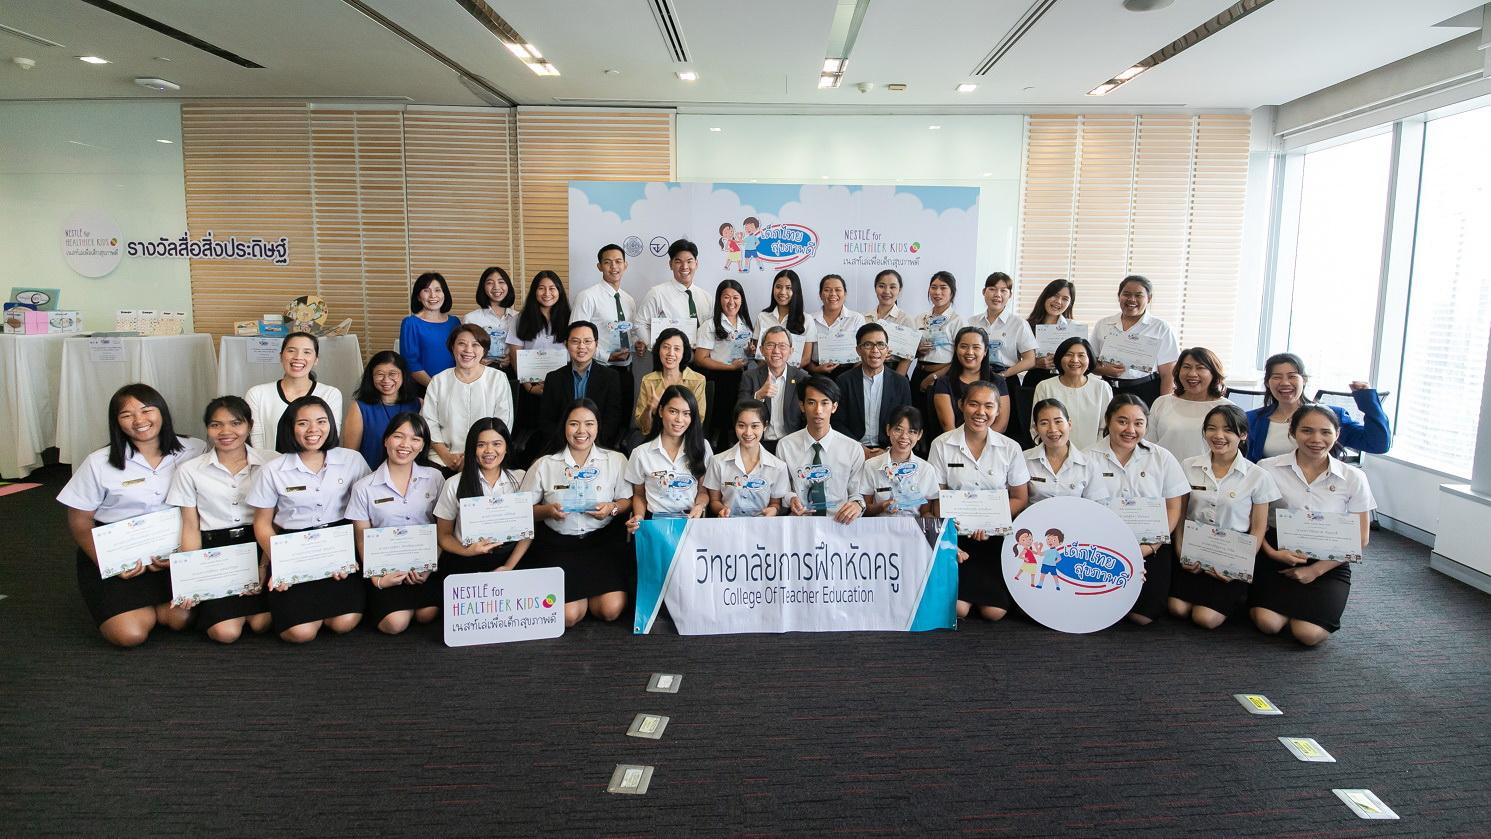 """""""เนสท์เล่"""" ร่วมสร้างแรงบันดาลใจครูไทยรุ่นใหม่ สร้างสรรค์สื่อการสอนด้านโภชนาการและสุขภาพโดนใจเด็กยุคดิจิทัล"""